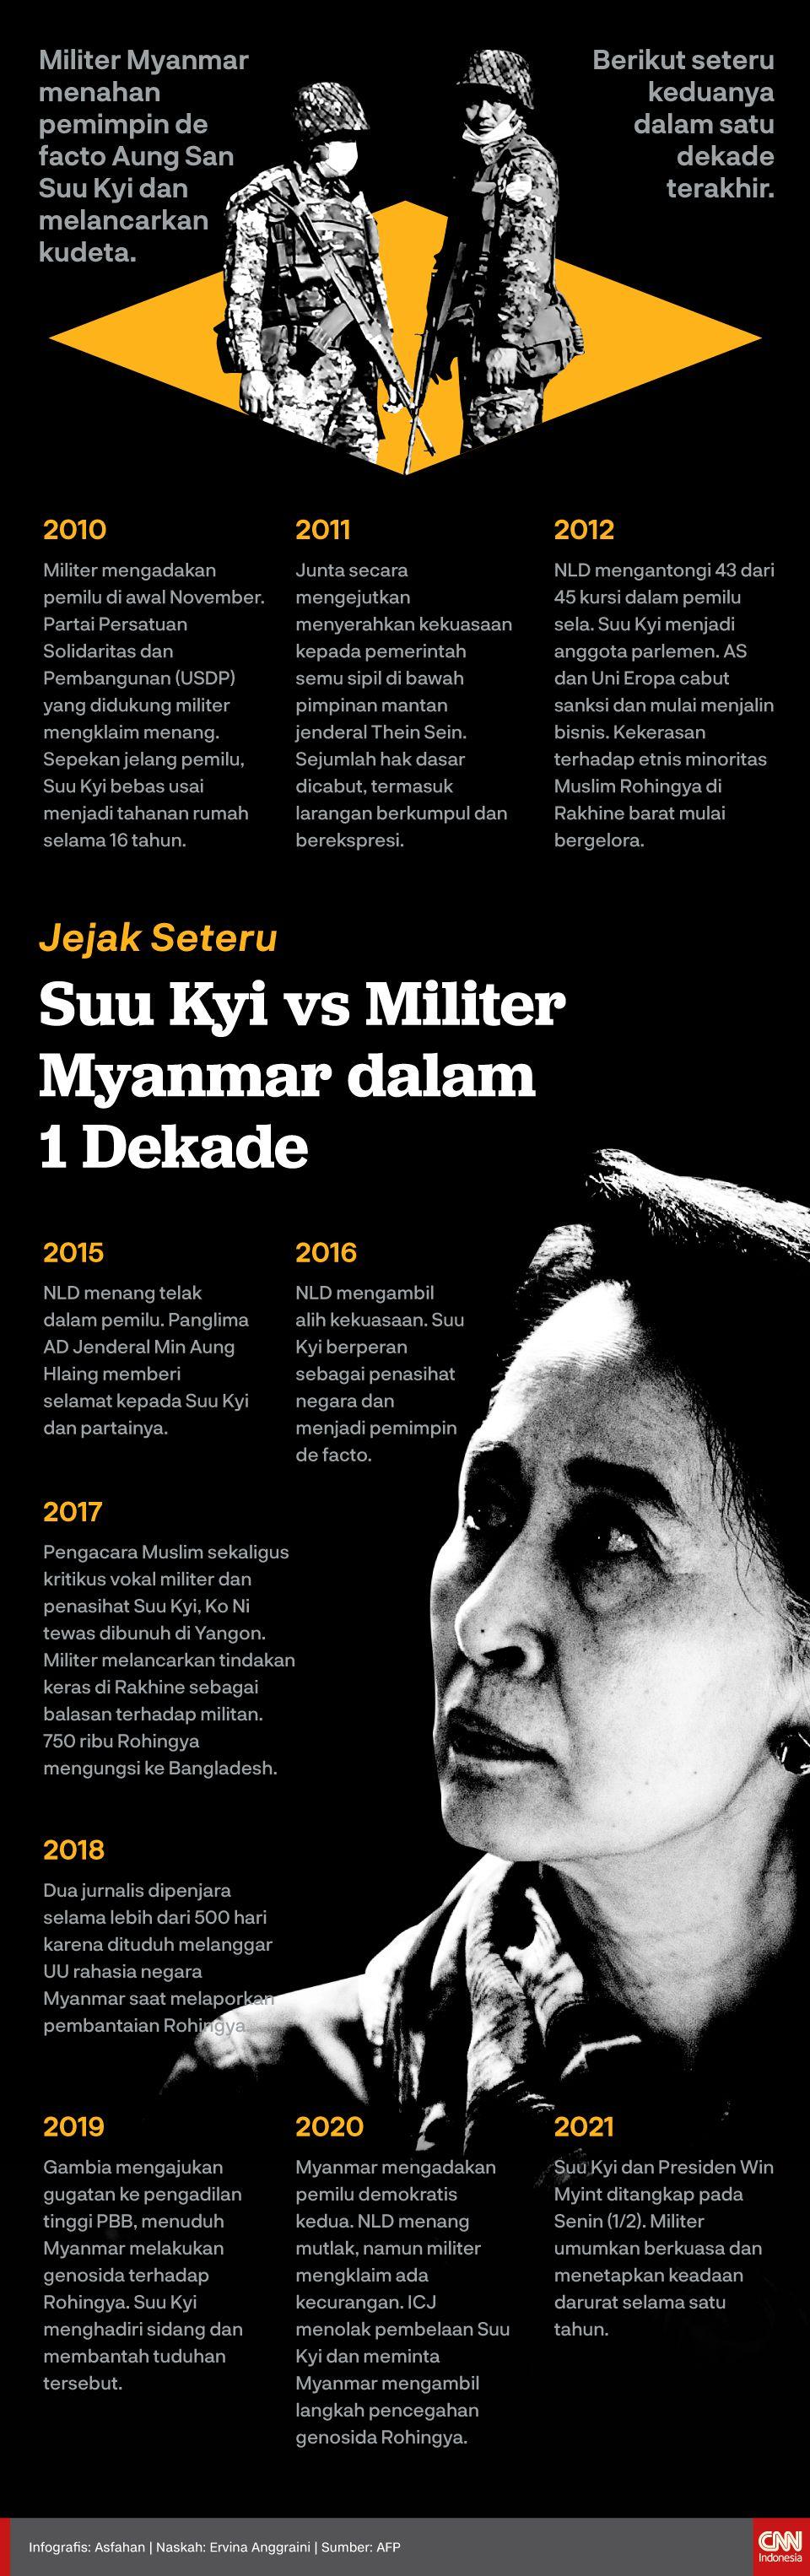 Infografis Jejak Seteru Suu Kyi vs Militer Myanmar dalam 1 Dekade